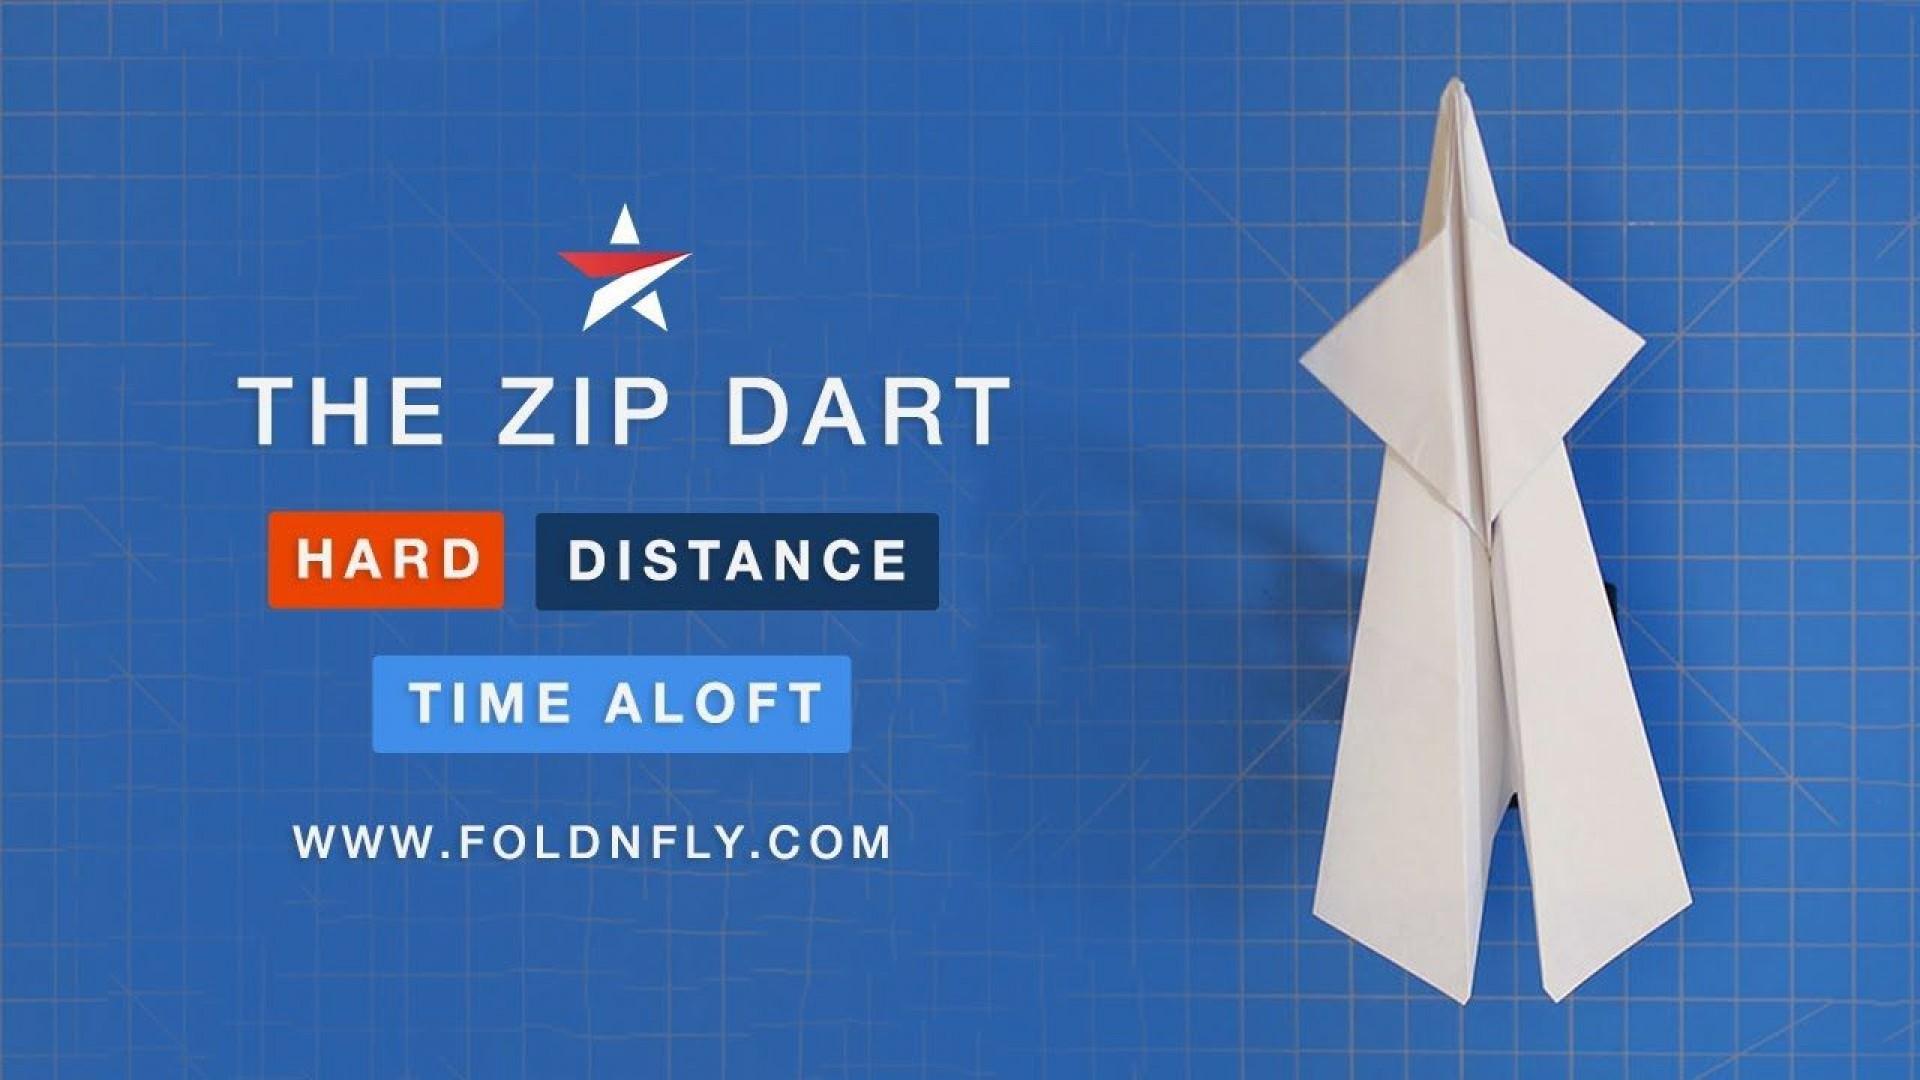 003 Unforgettable Free Paper Airplane Design Printable Template  Designs-printable Templates1920